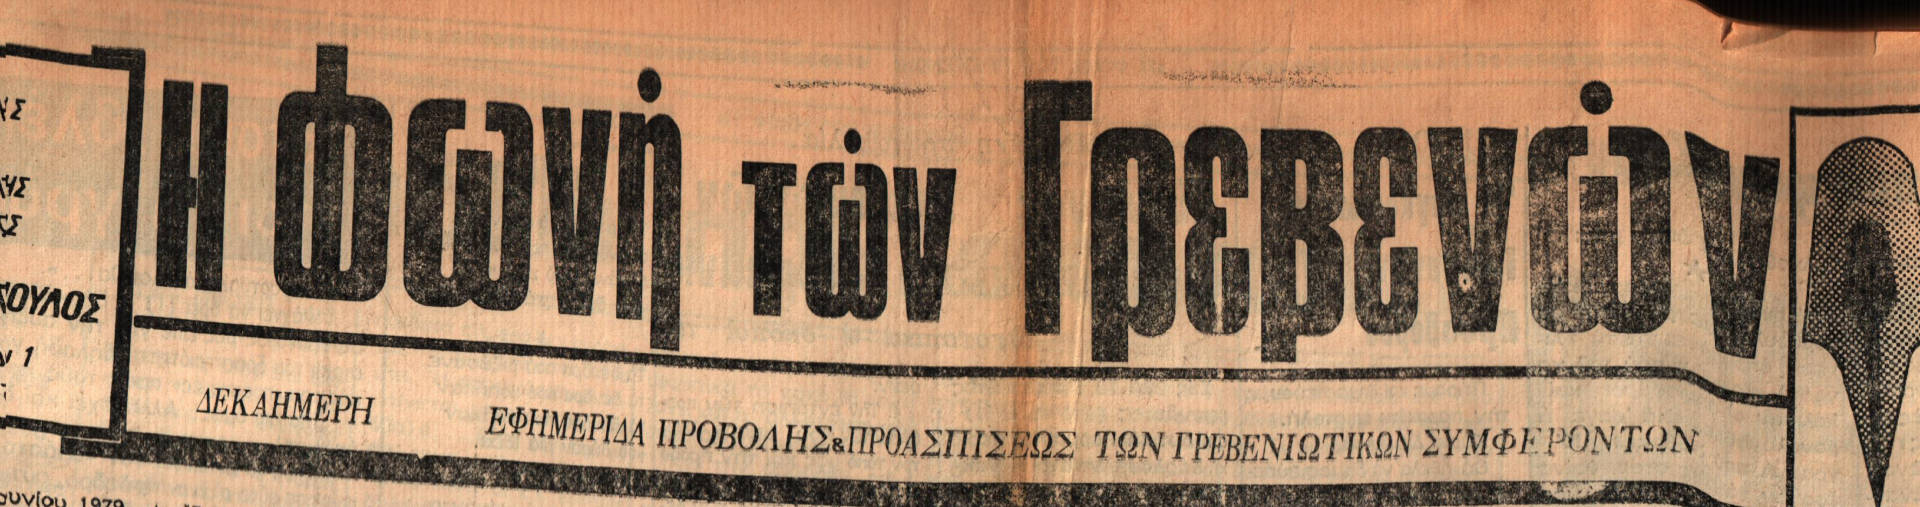 Η ιστορία των Γρεβενών μέσα από τον Τοπικό Τύπο.Σήμερα: Ευχαριστεί τις υπηρεσίες της Νομαρχίας